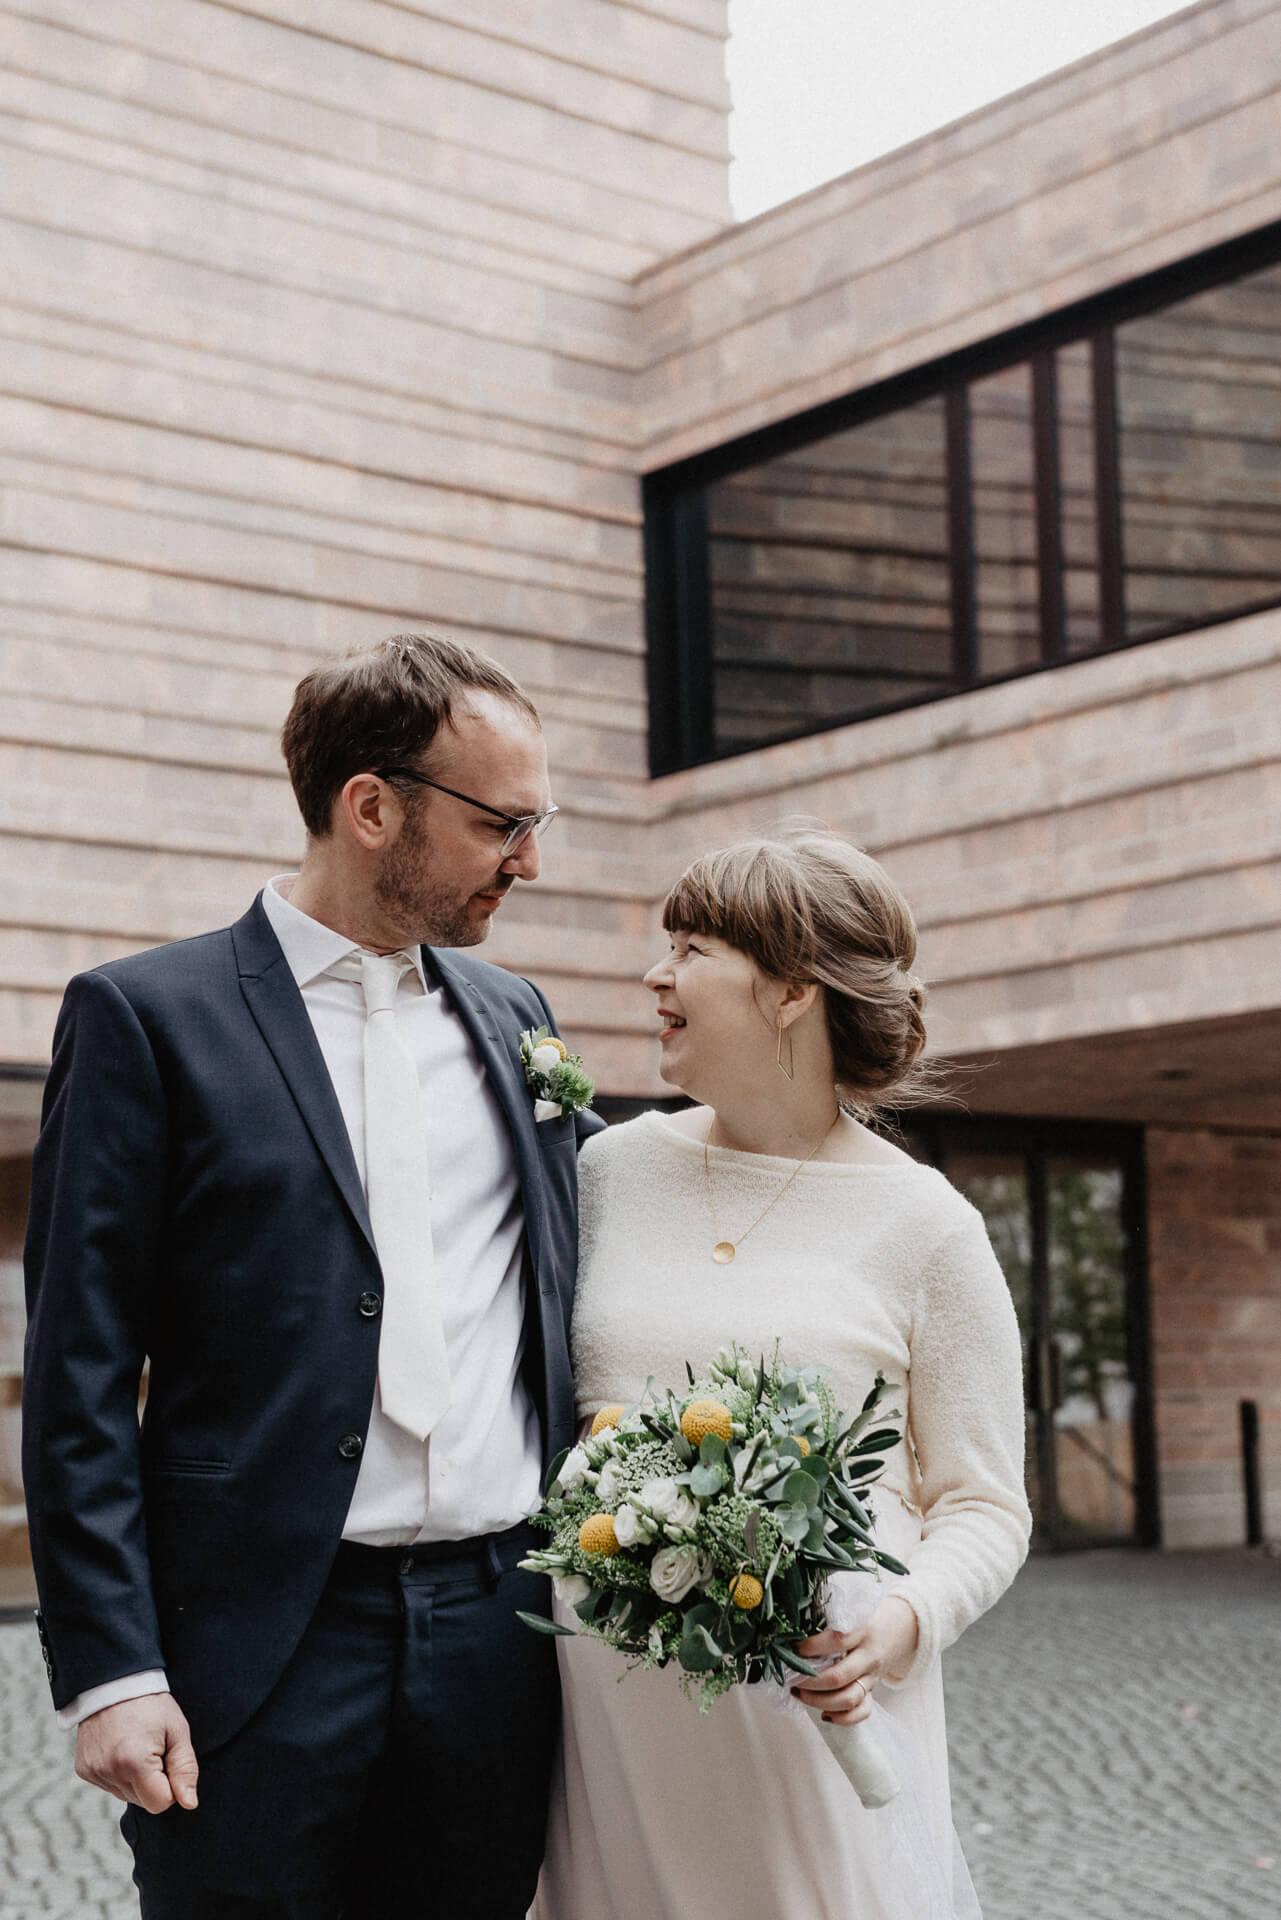 zweinander Hochzeitsfotos Propstei Leipzig von Luise und Chris